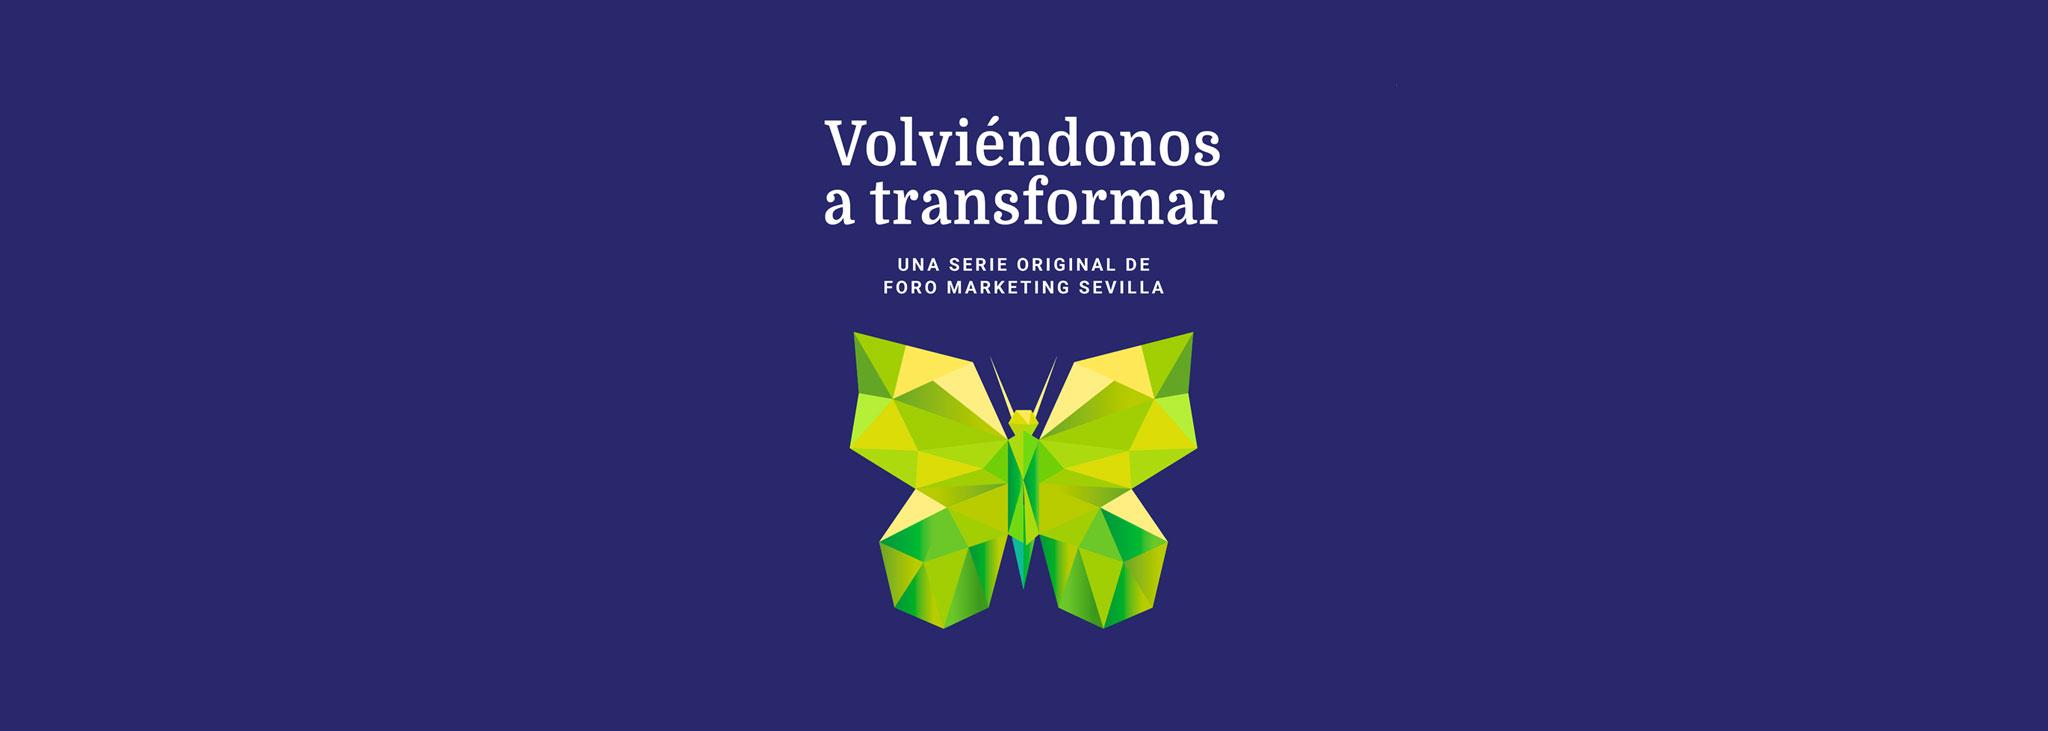 Volviéndonos a Transformar - Foro Marketing Sevilla